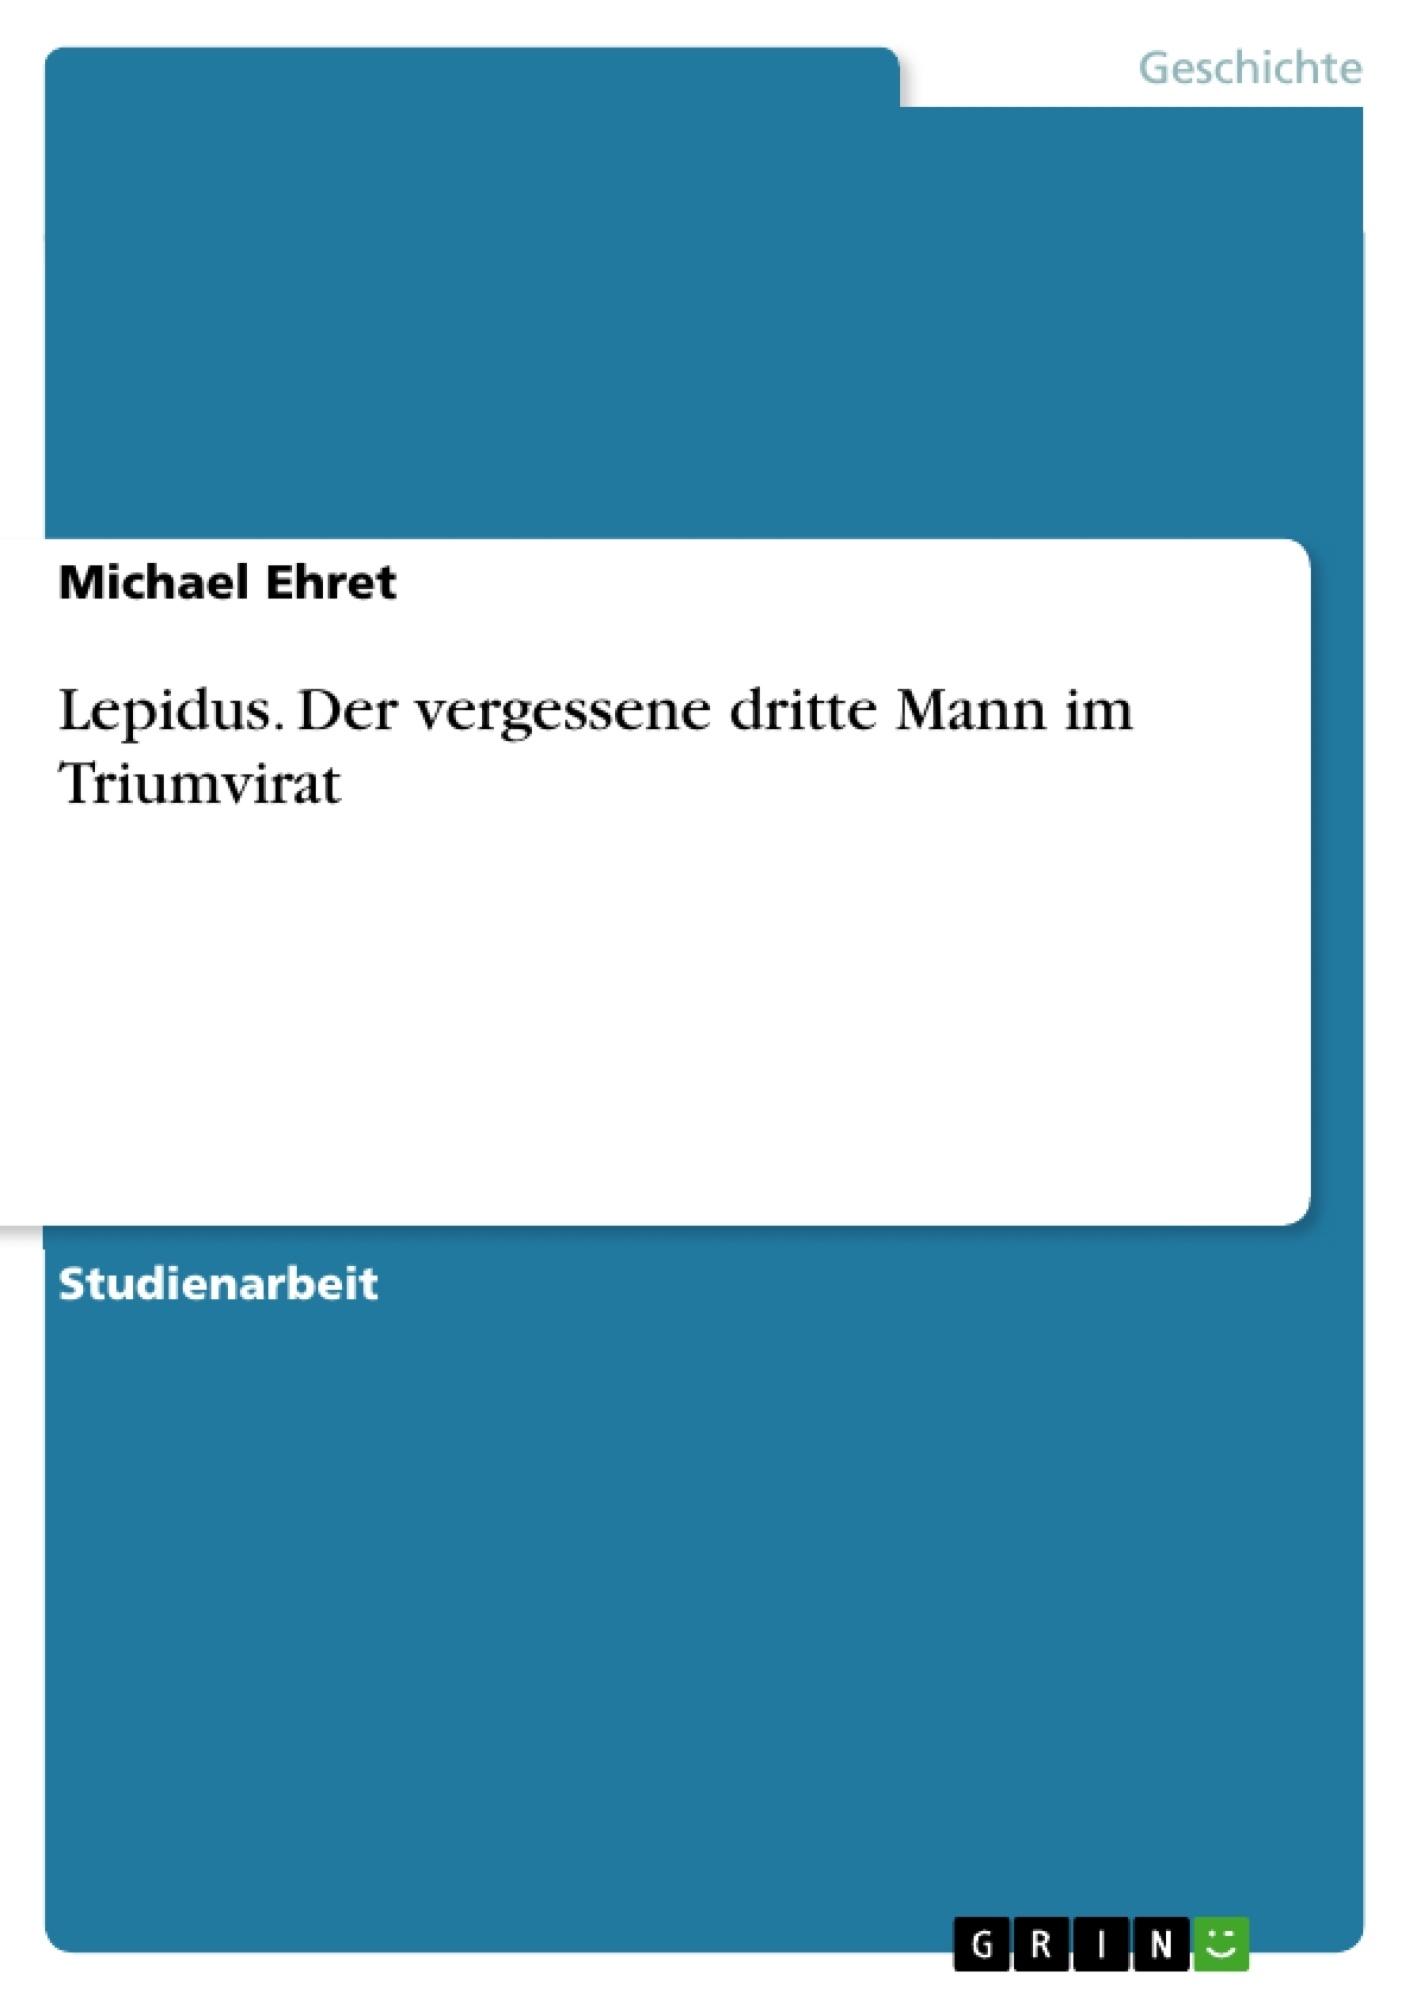 Titel: Lepidus. Der vergessene dritte Mann im Triumvirat